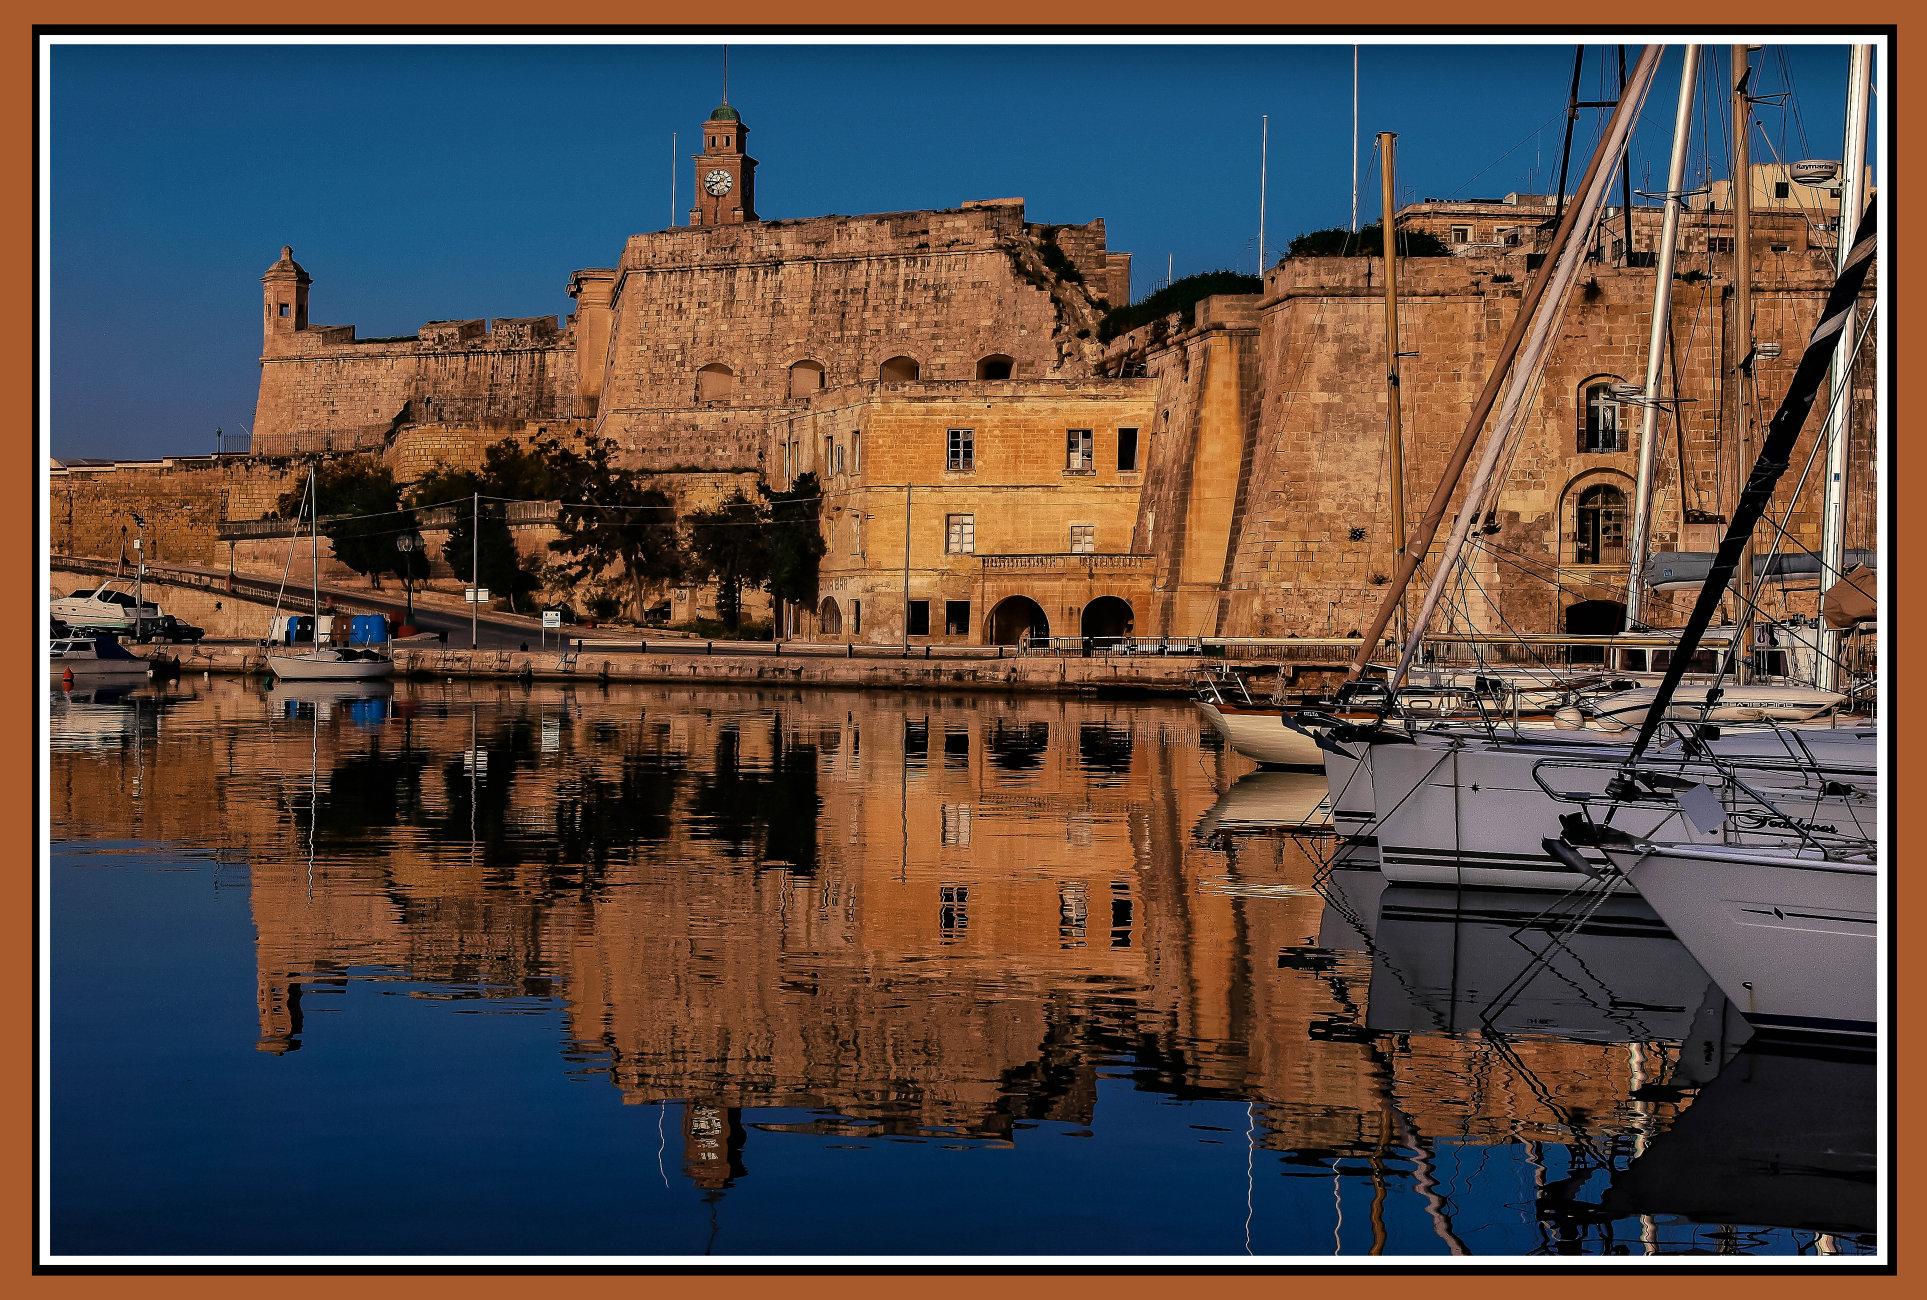 Fra' Claude de la Sengle -- 48th Grand Master of the Order of Malta----- SENGLEA MALTA